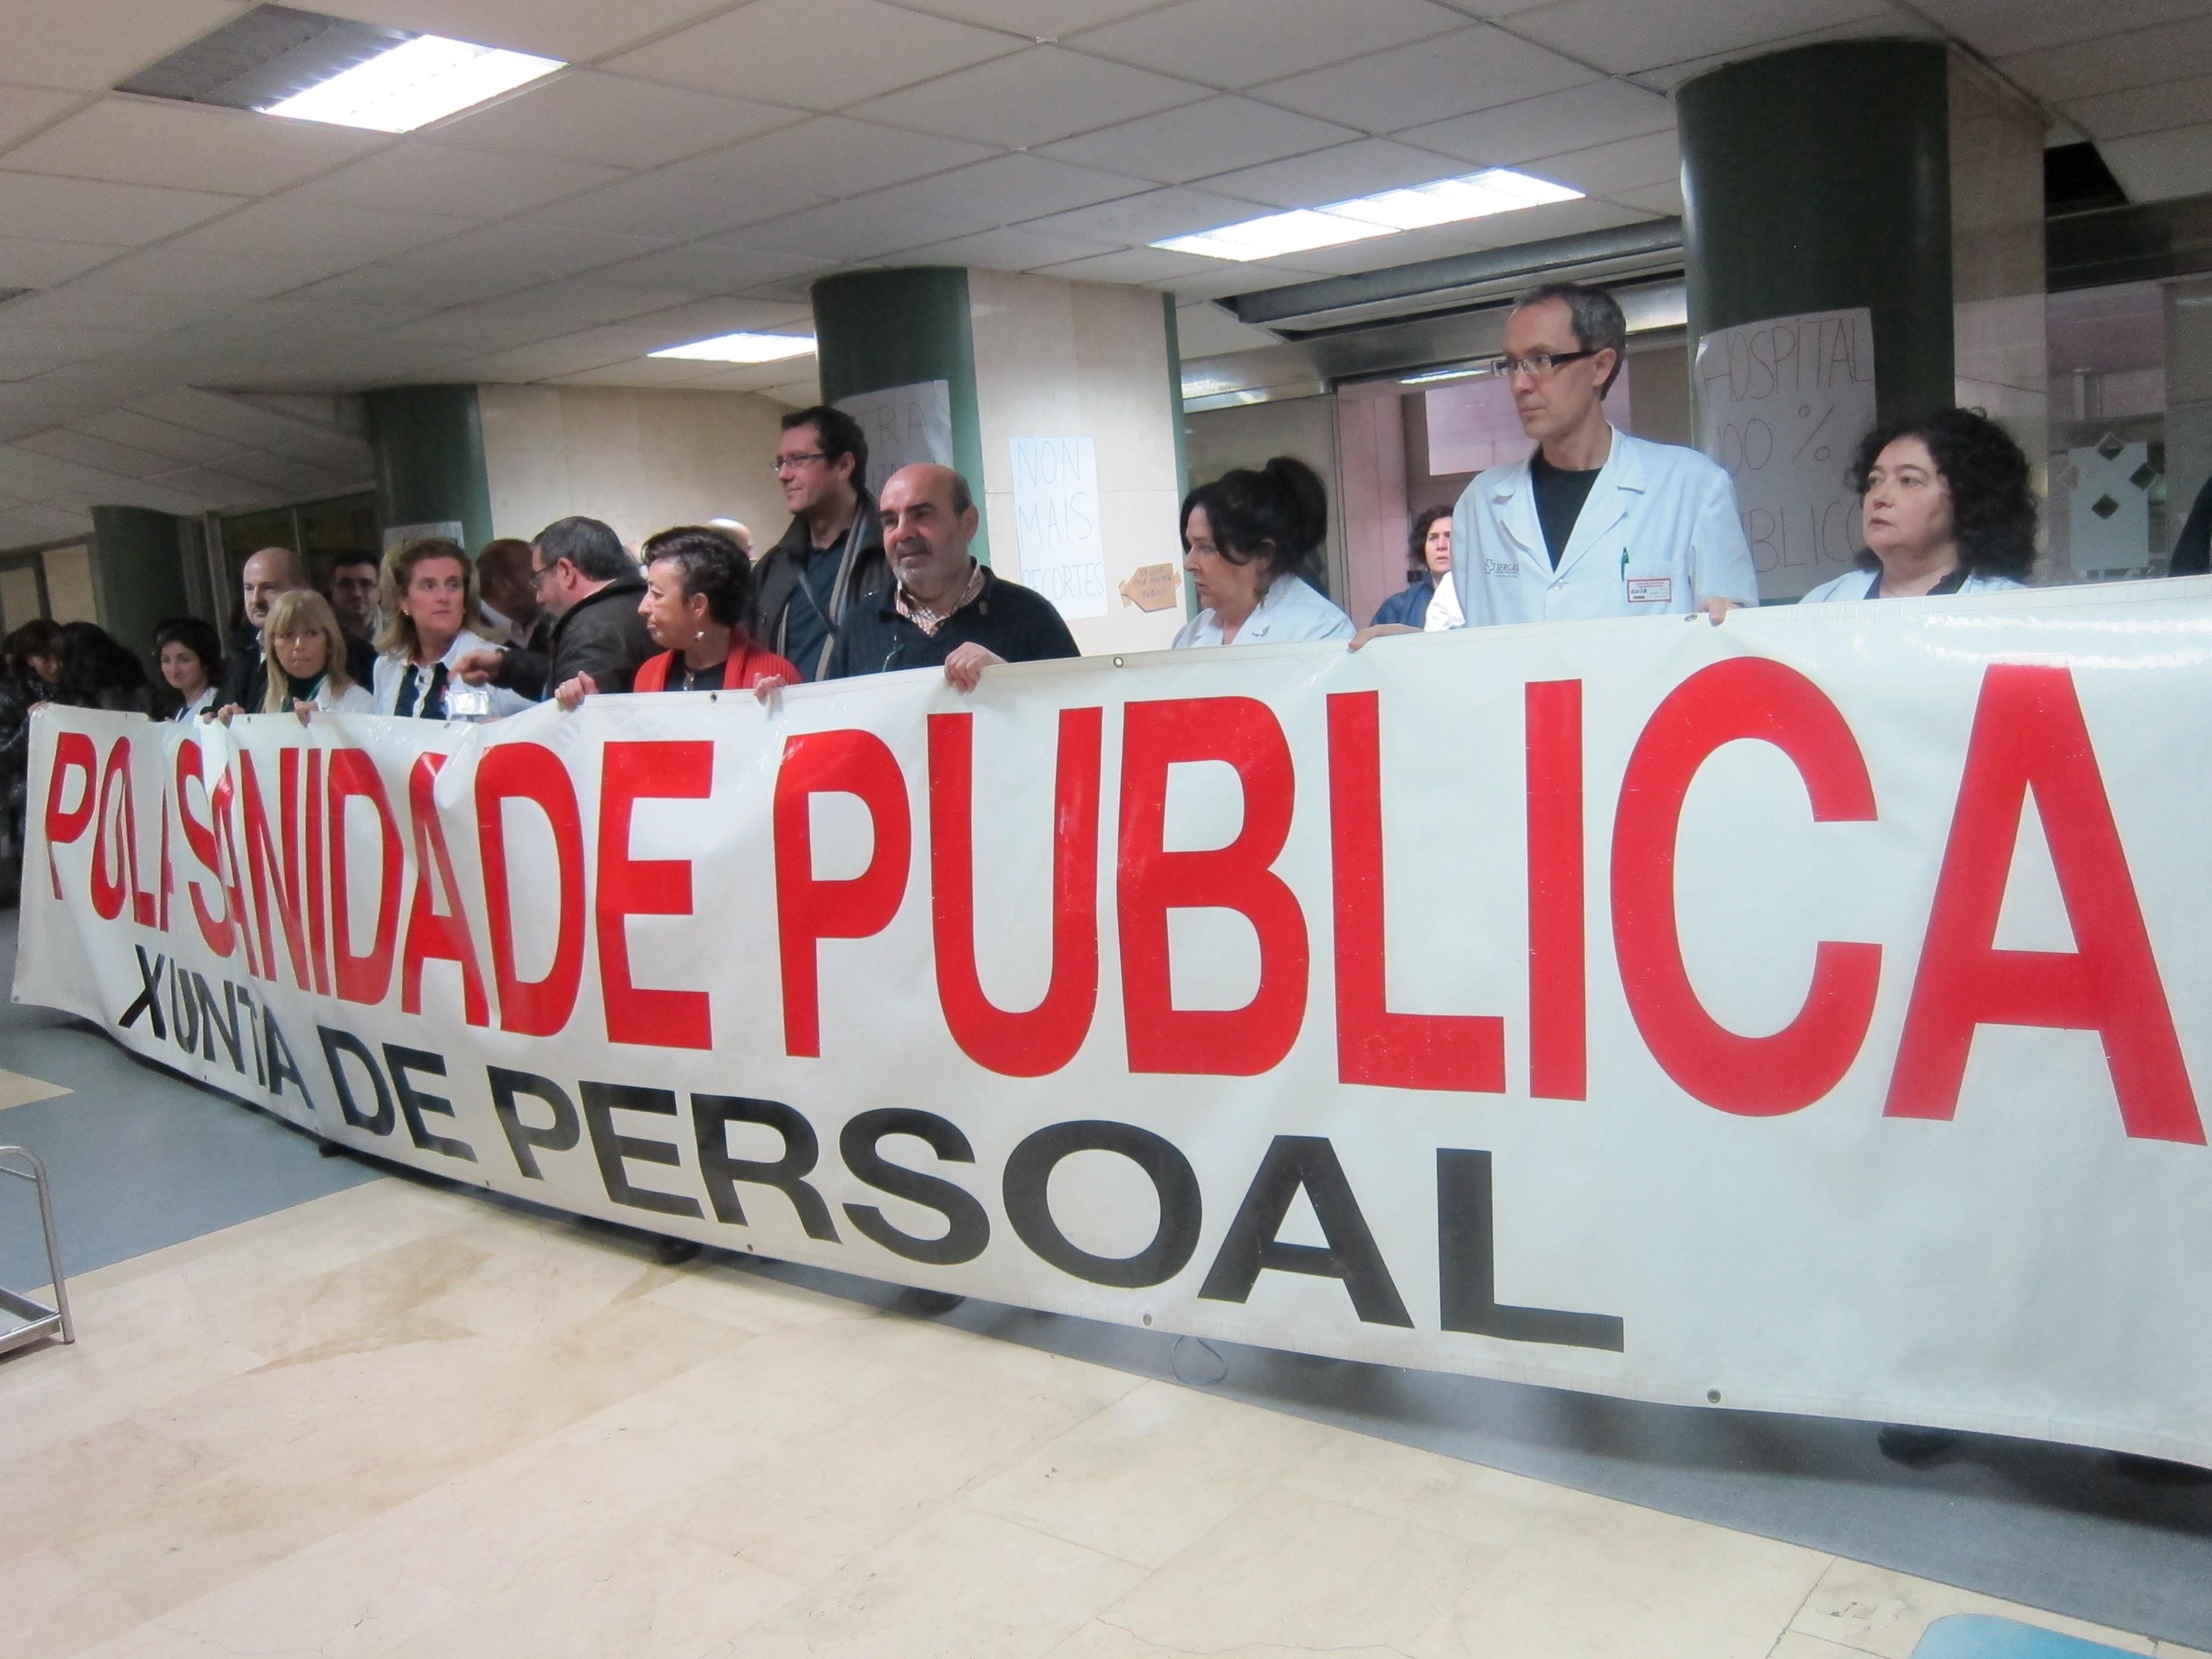 El Sergas reitera que el nuevo hospital de Vigo será «público» y remarca que se mantiene el diálogo social